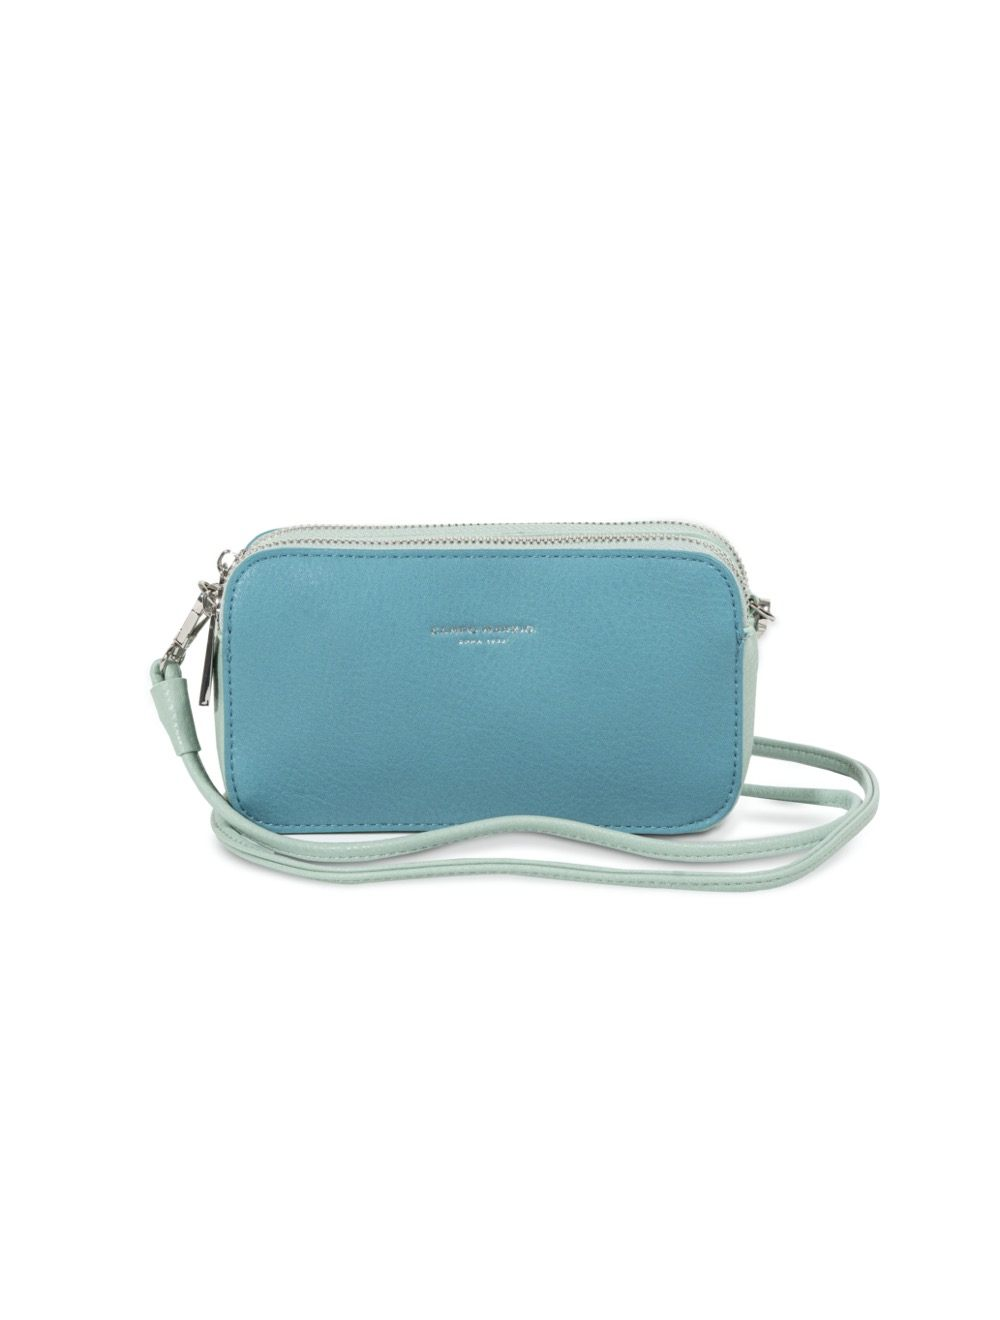 Jole Mini Bag - Capri Breeze